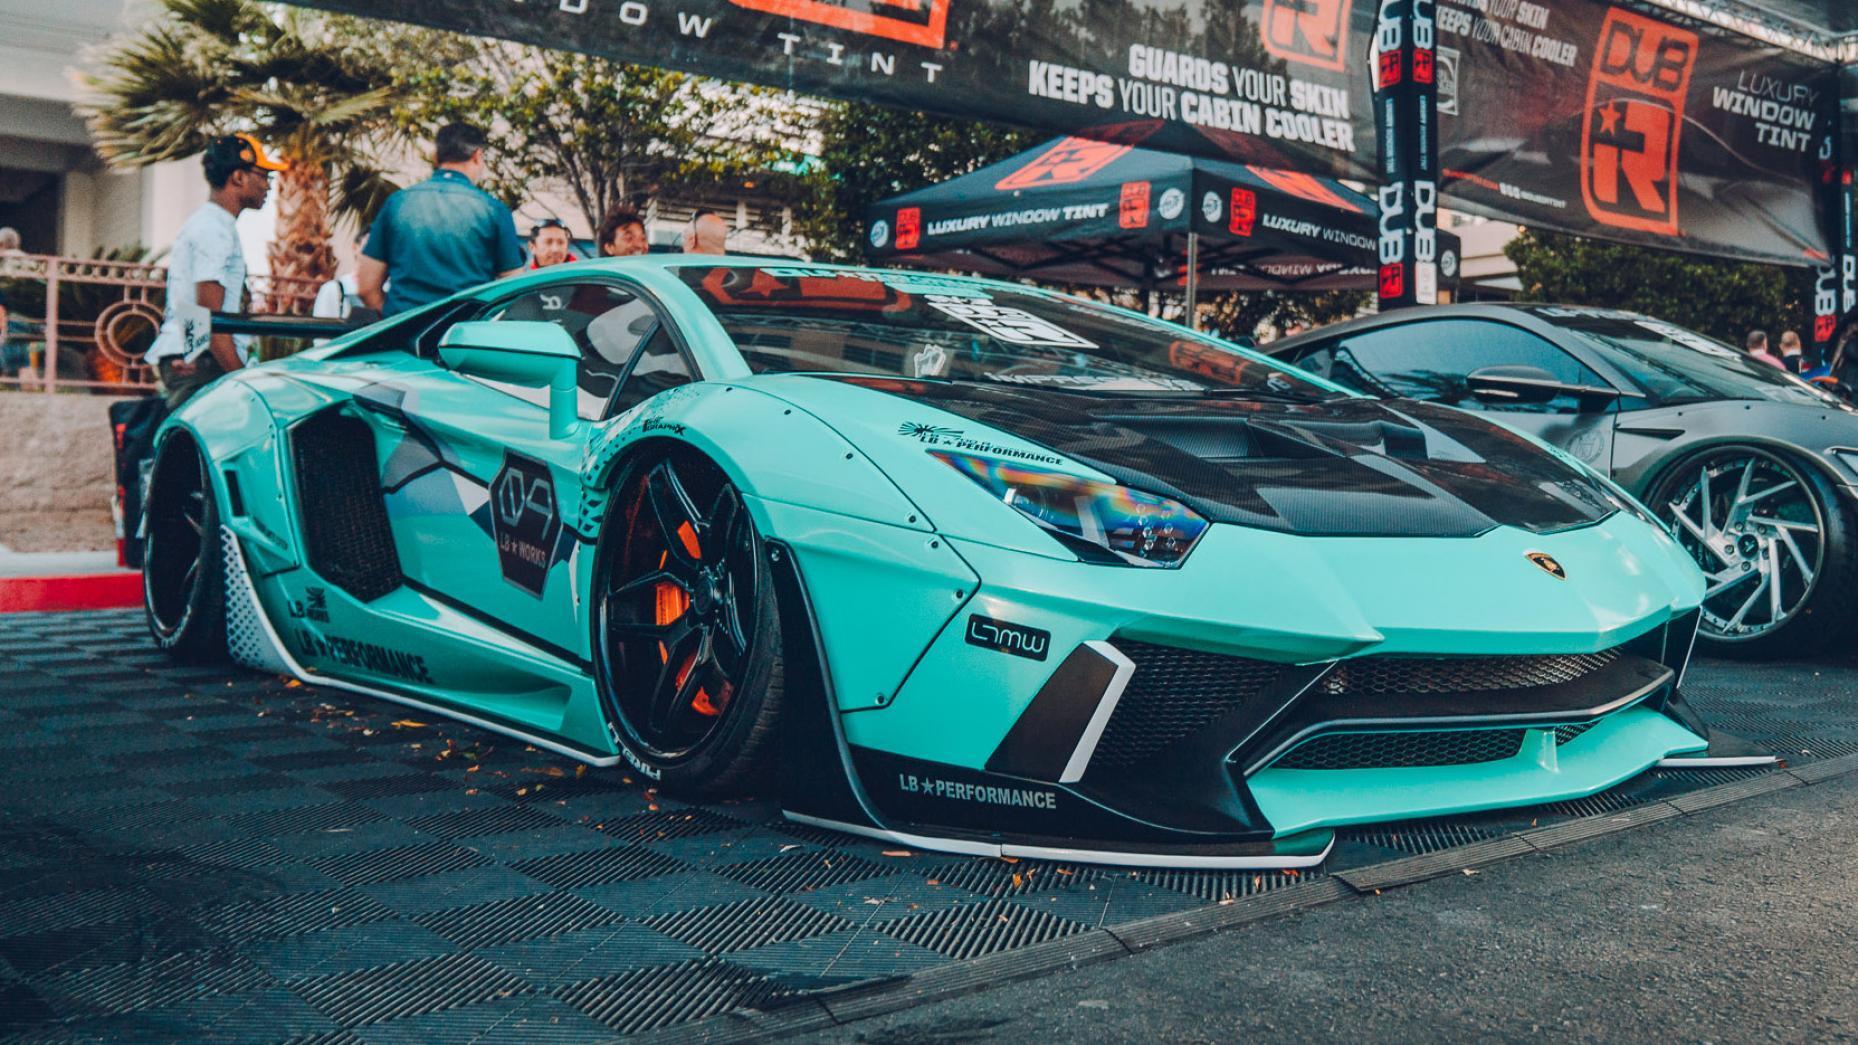 De meest bijzondere auto's van SEMA 2018 op een rijtje